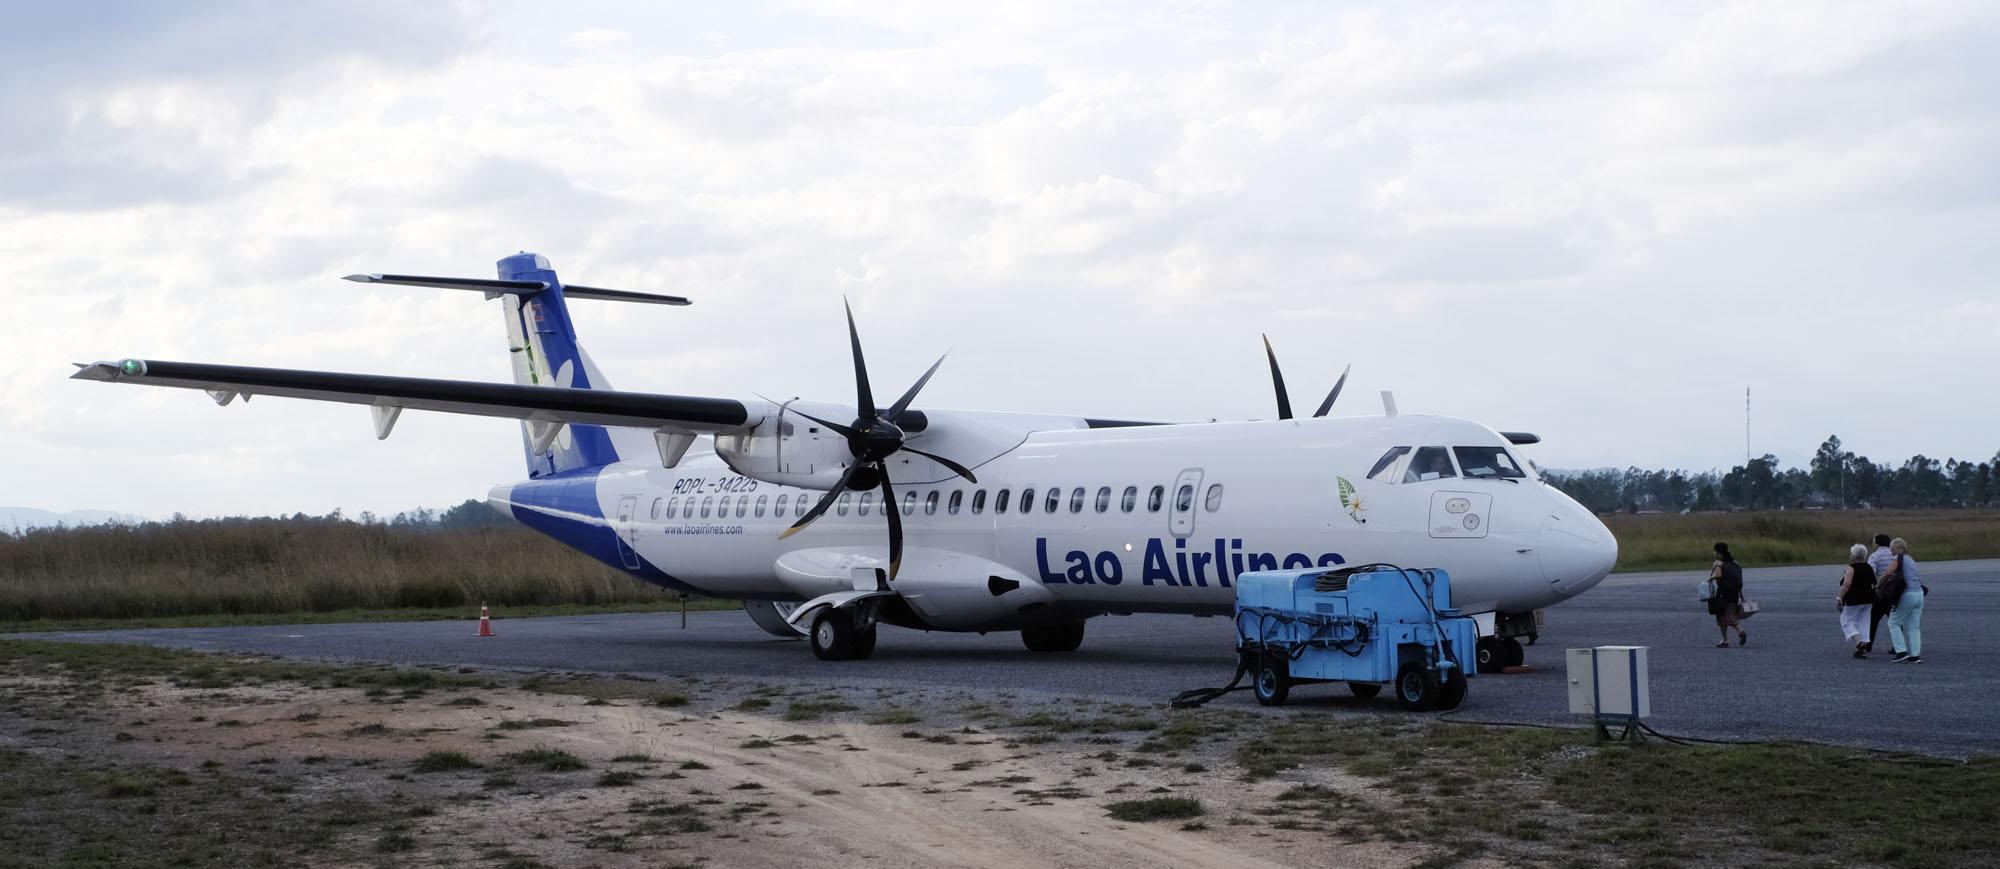 reise-ansichten ATR72 Lao Airlines